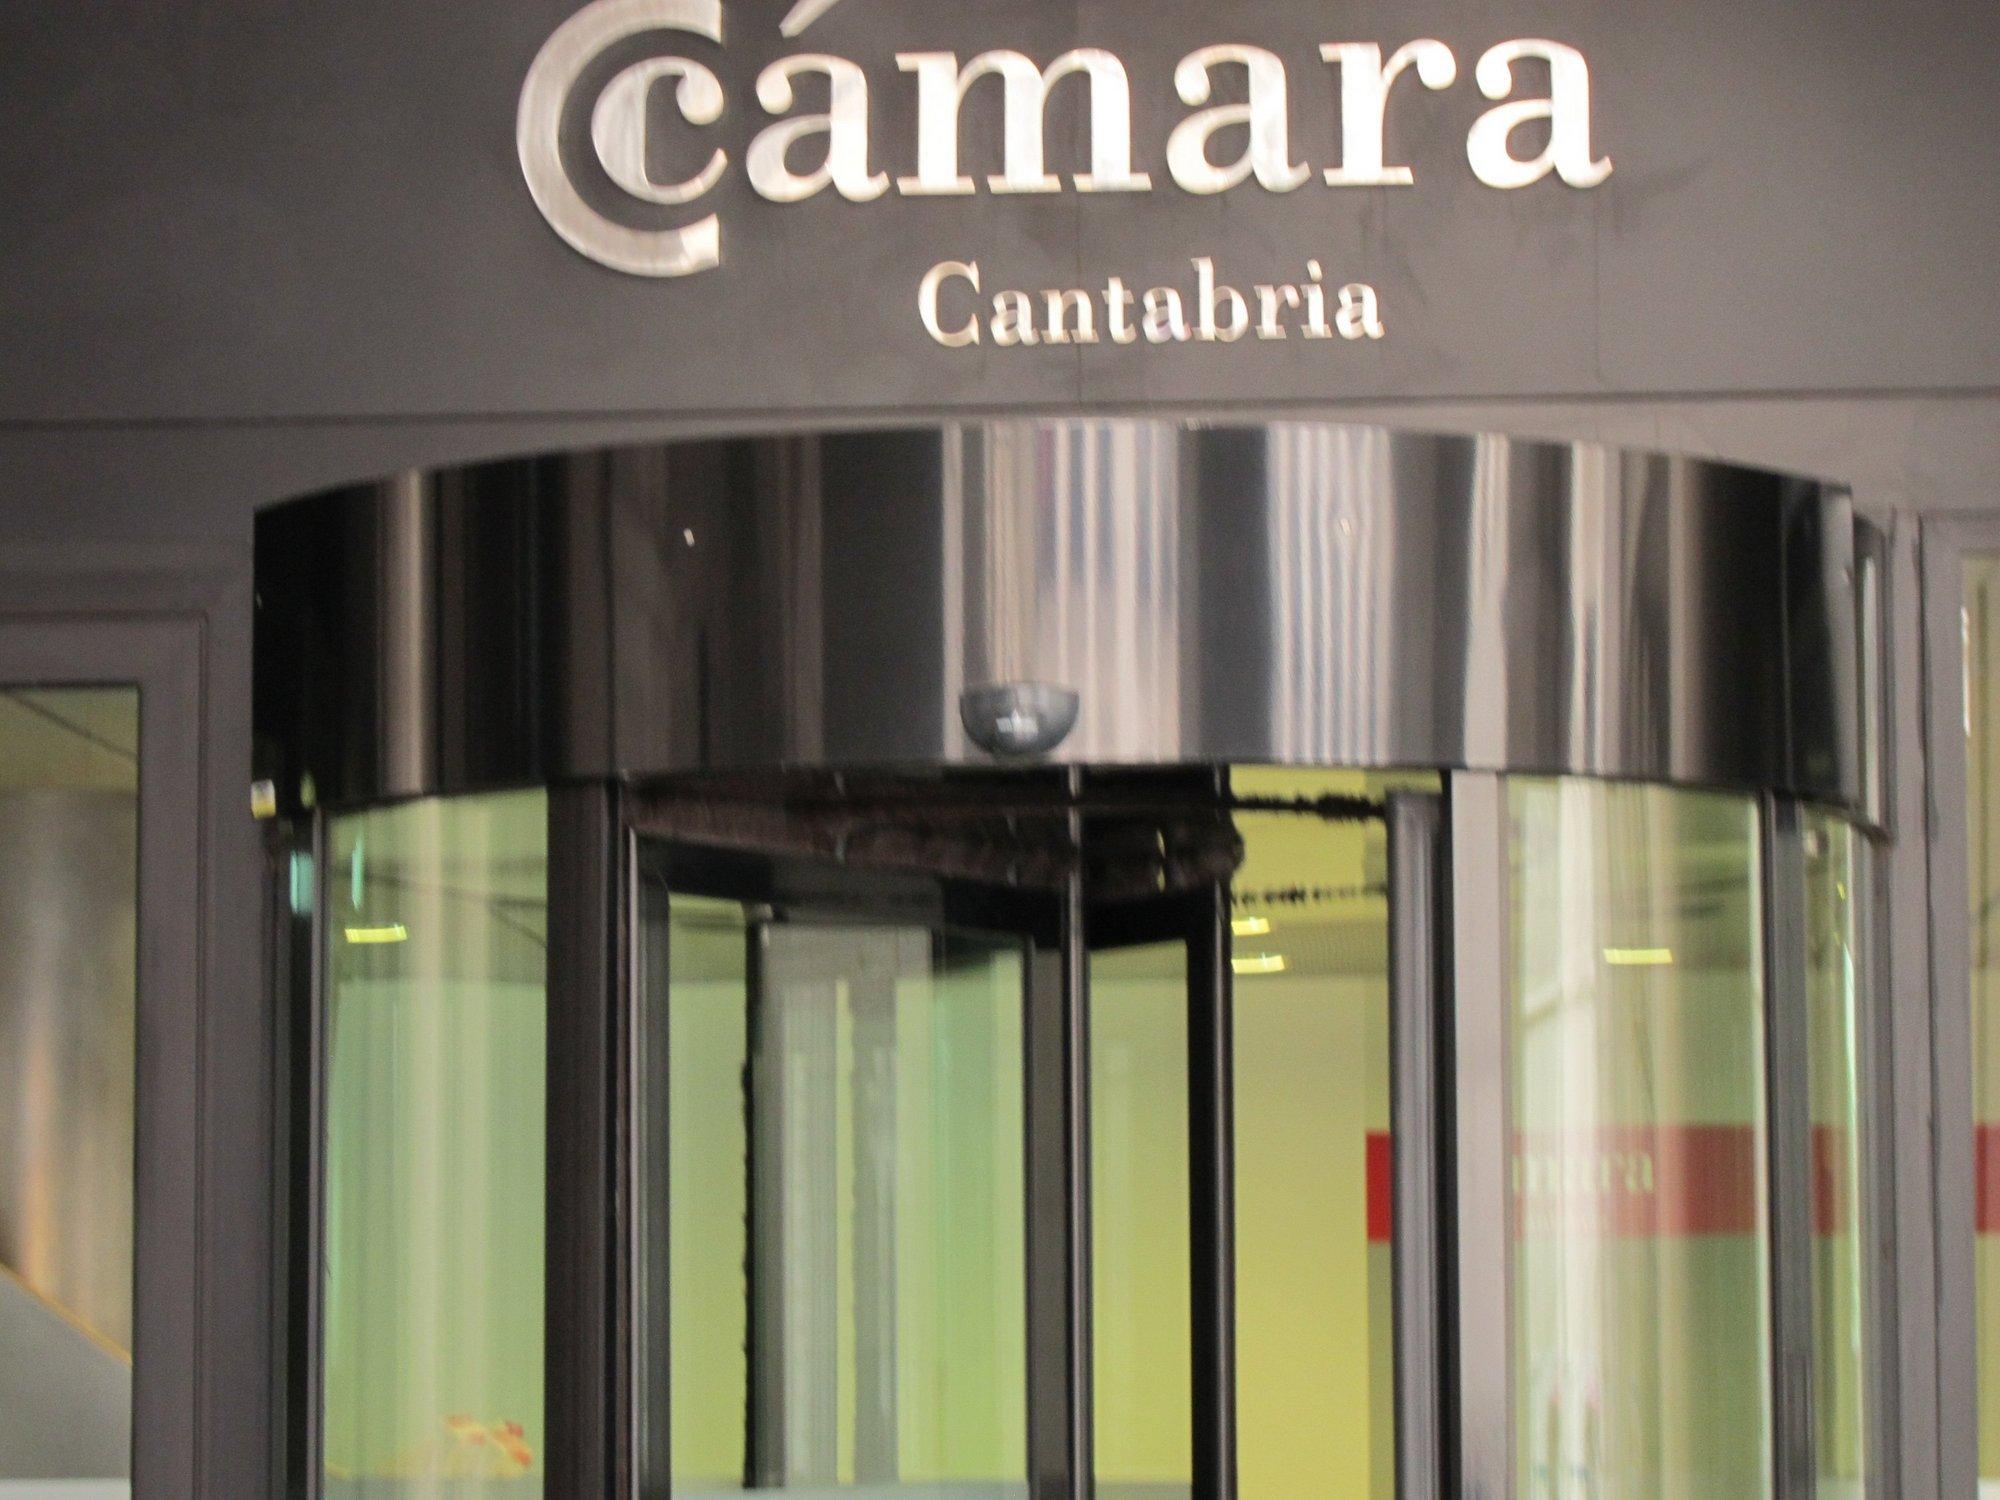 La cifra de negocio en el sector transporte empeoró en el último trimestre de 2011, según la Cámara de Comercio